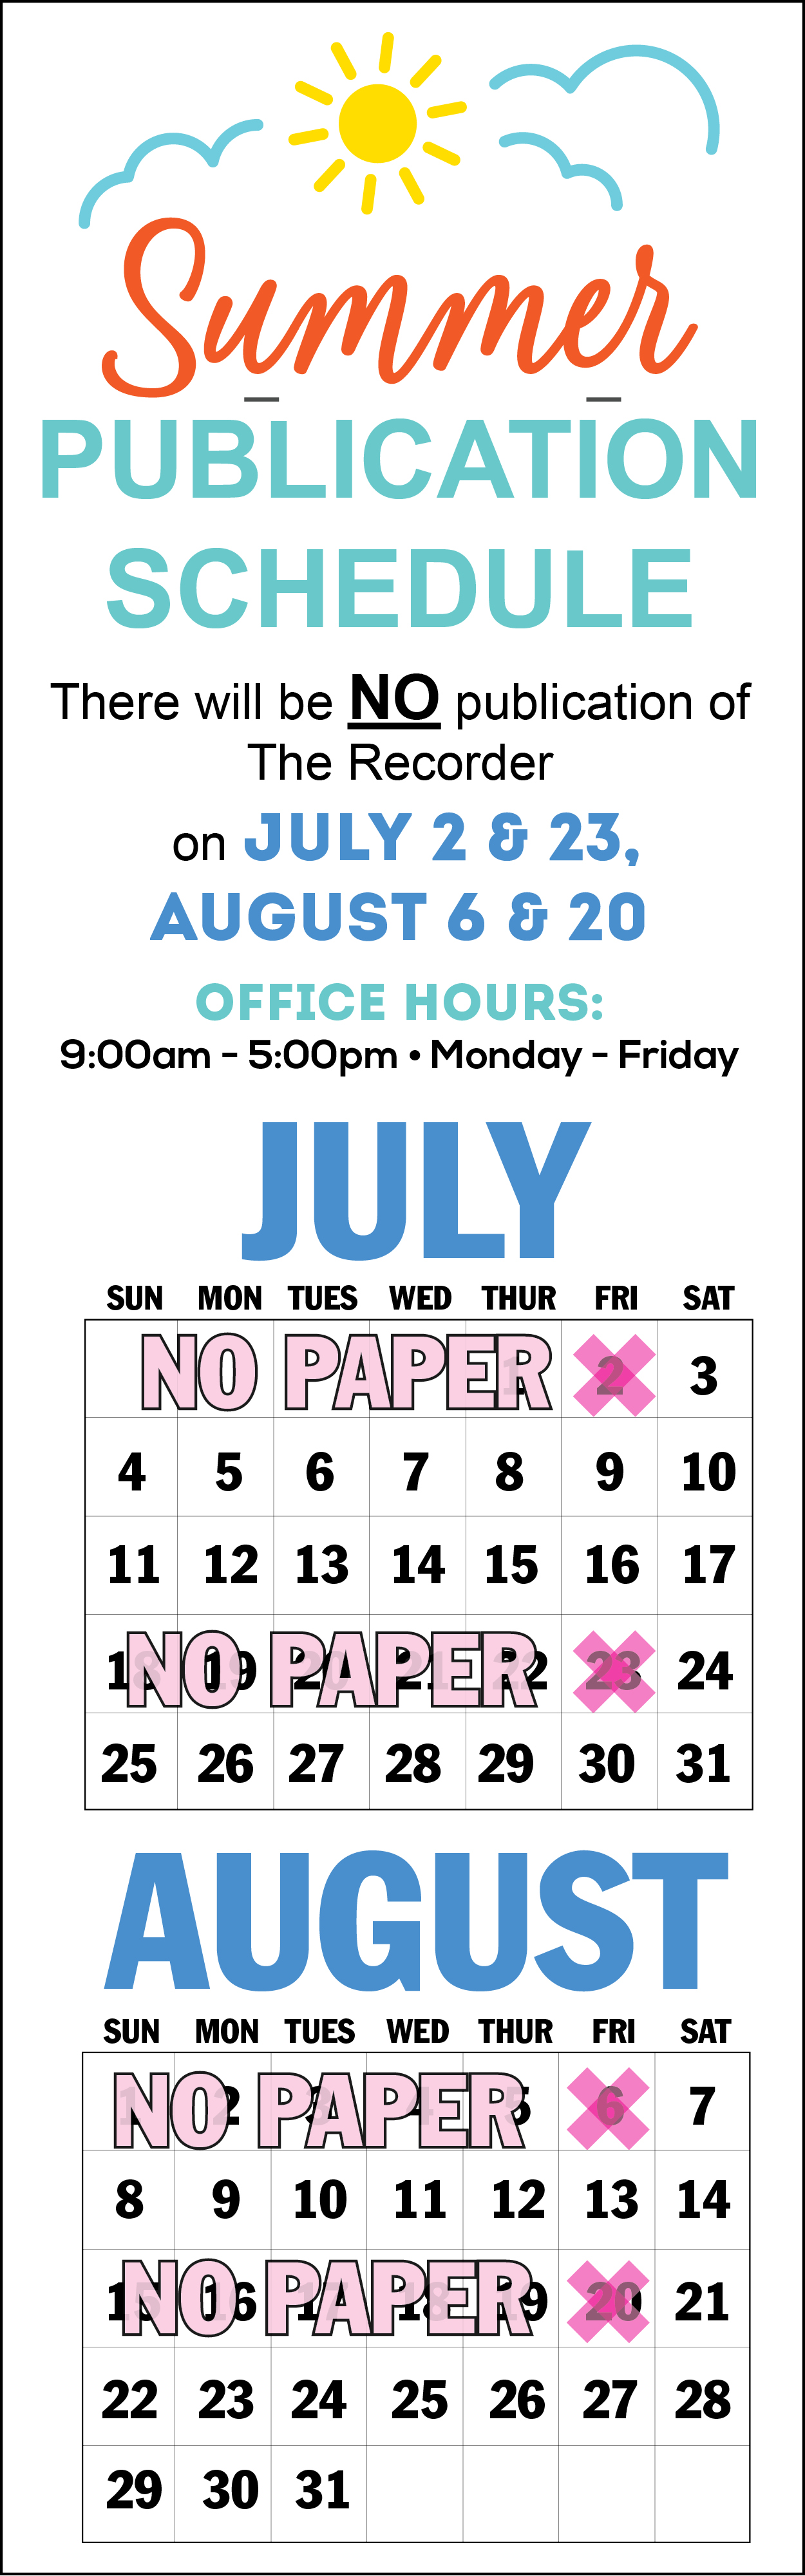 BR_summer schedule 2021